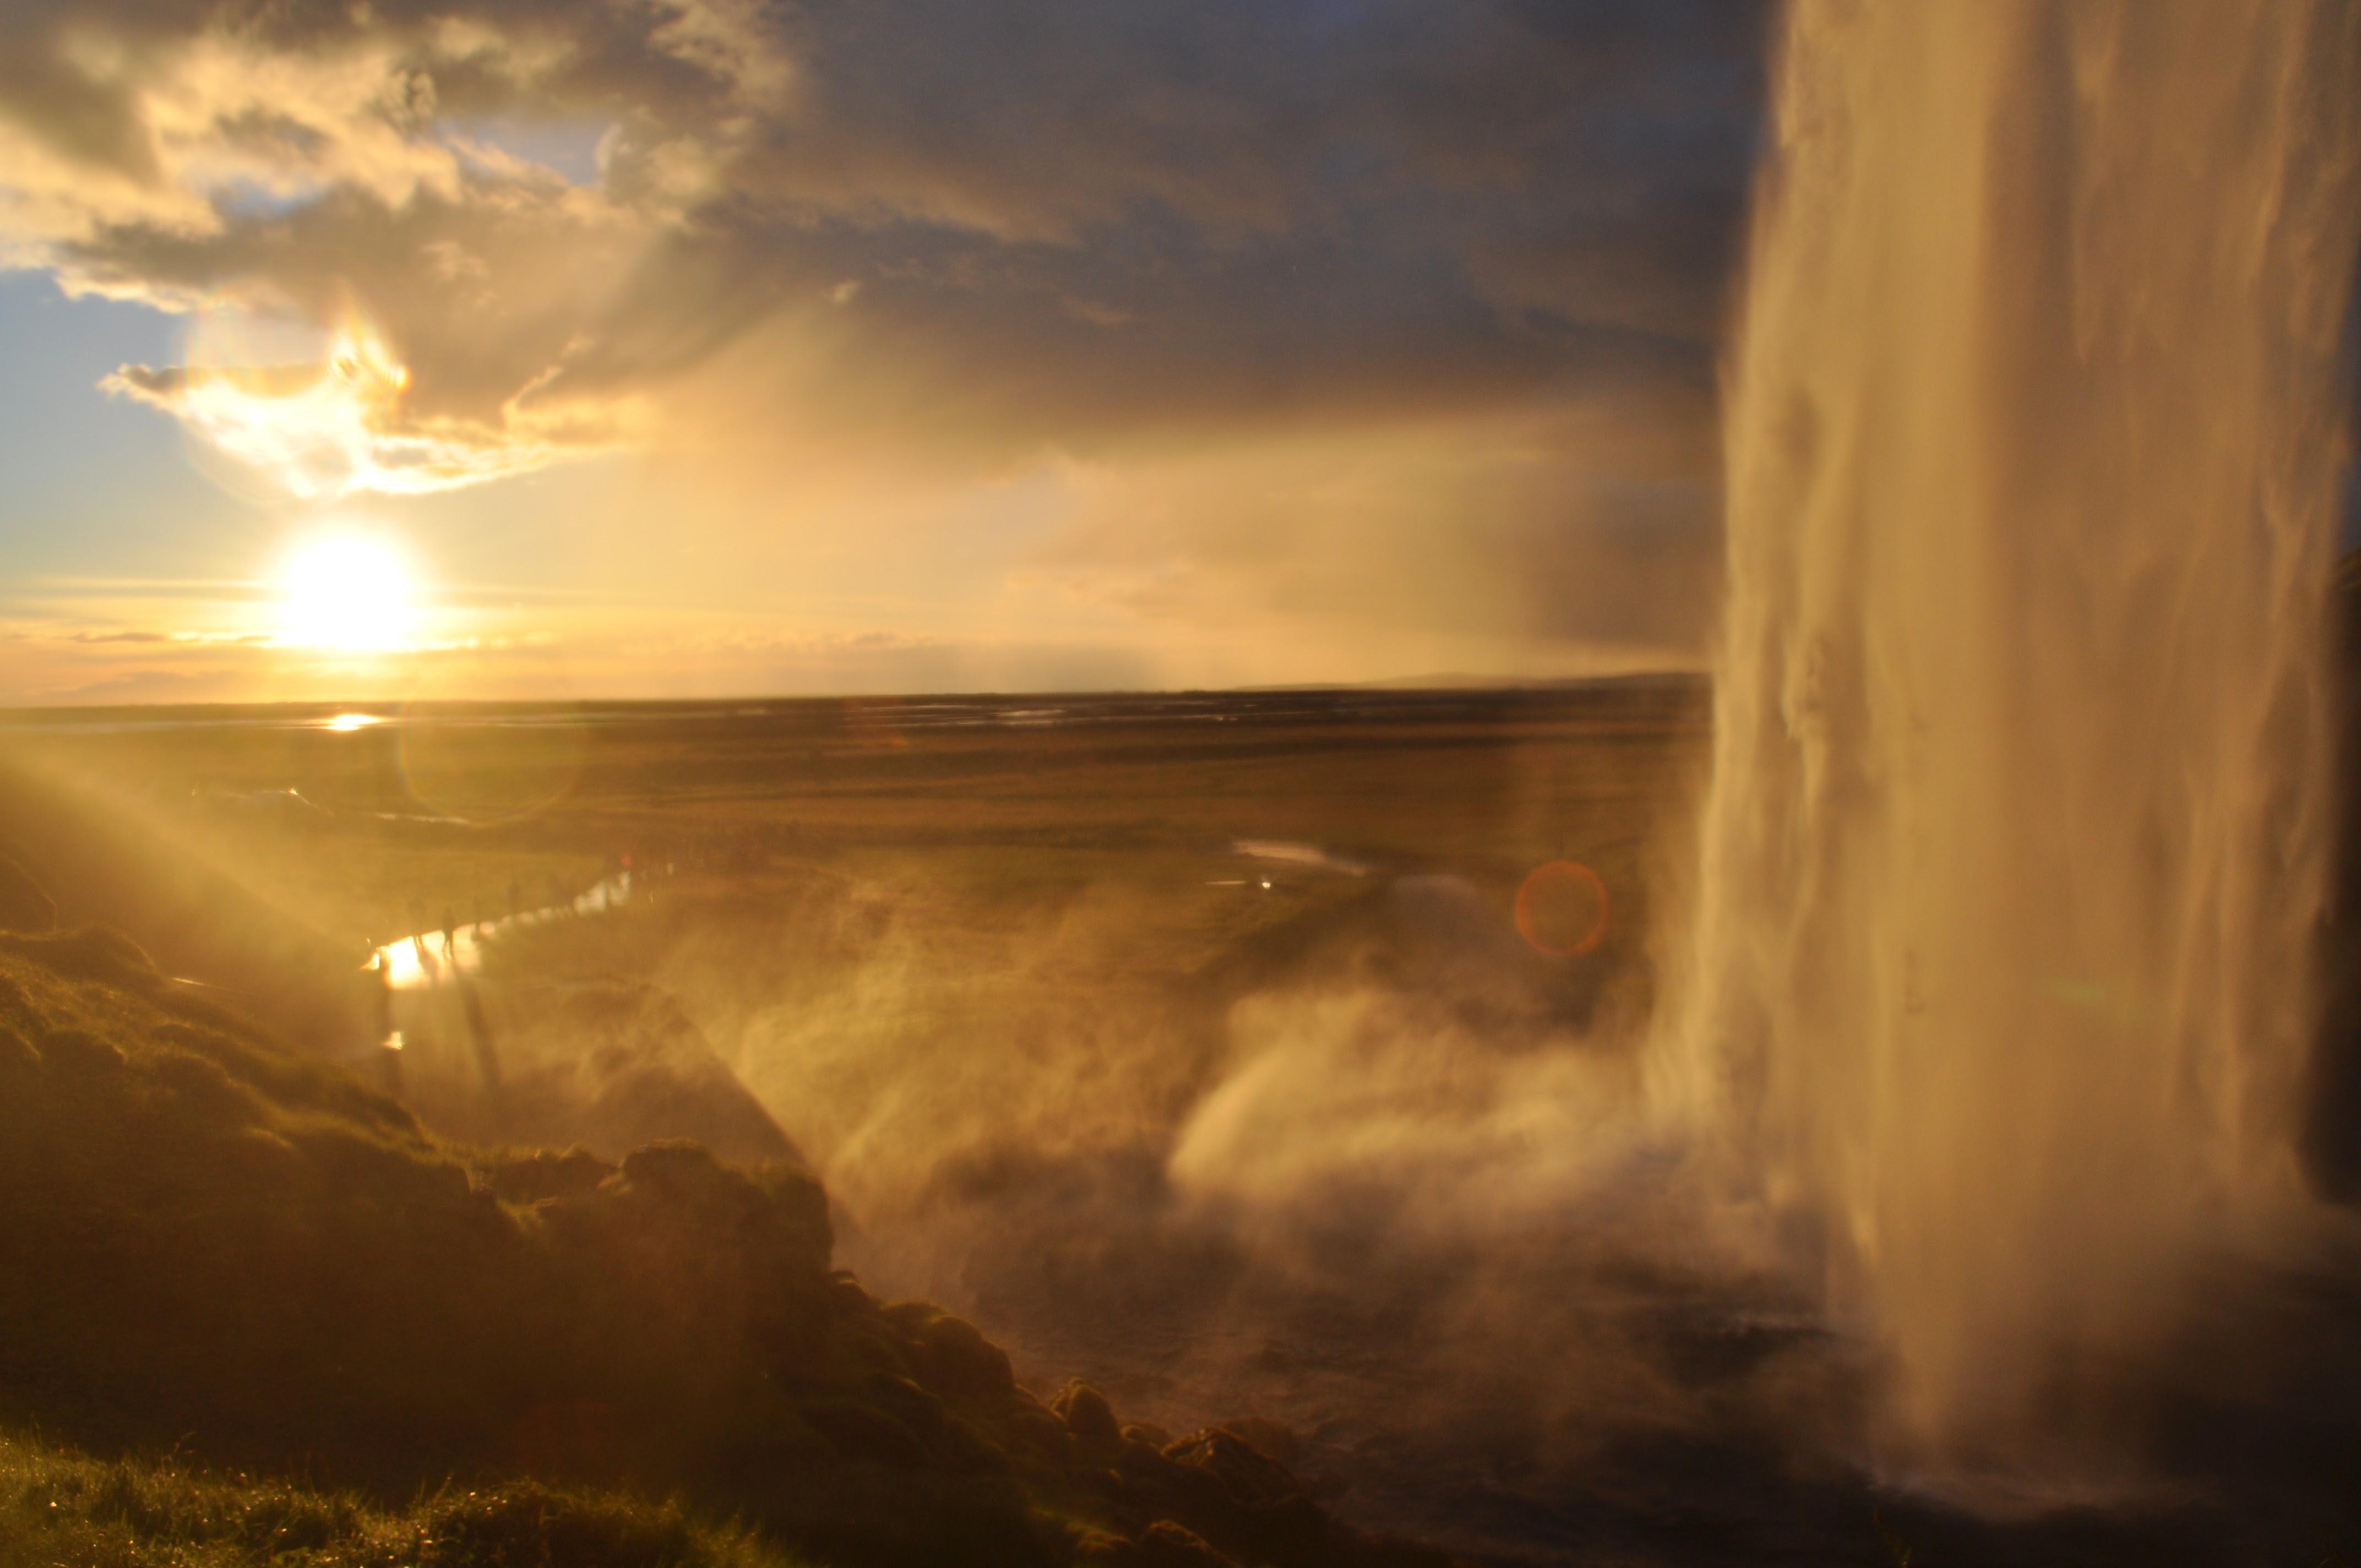 10 esperienze emozionanti da provare in Islanda in primavera o estate